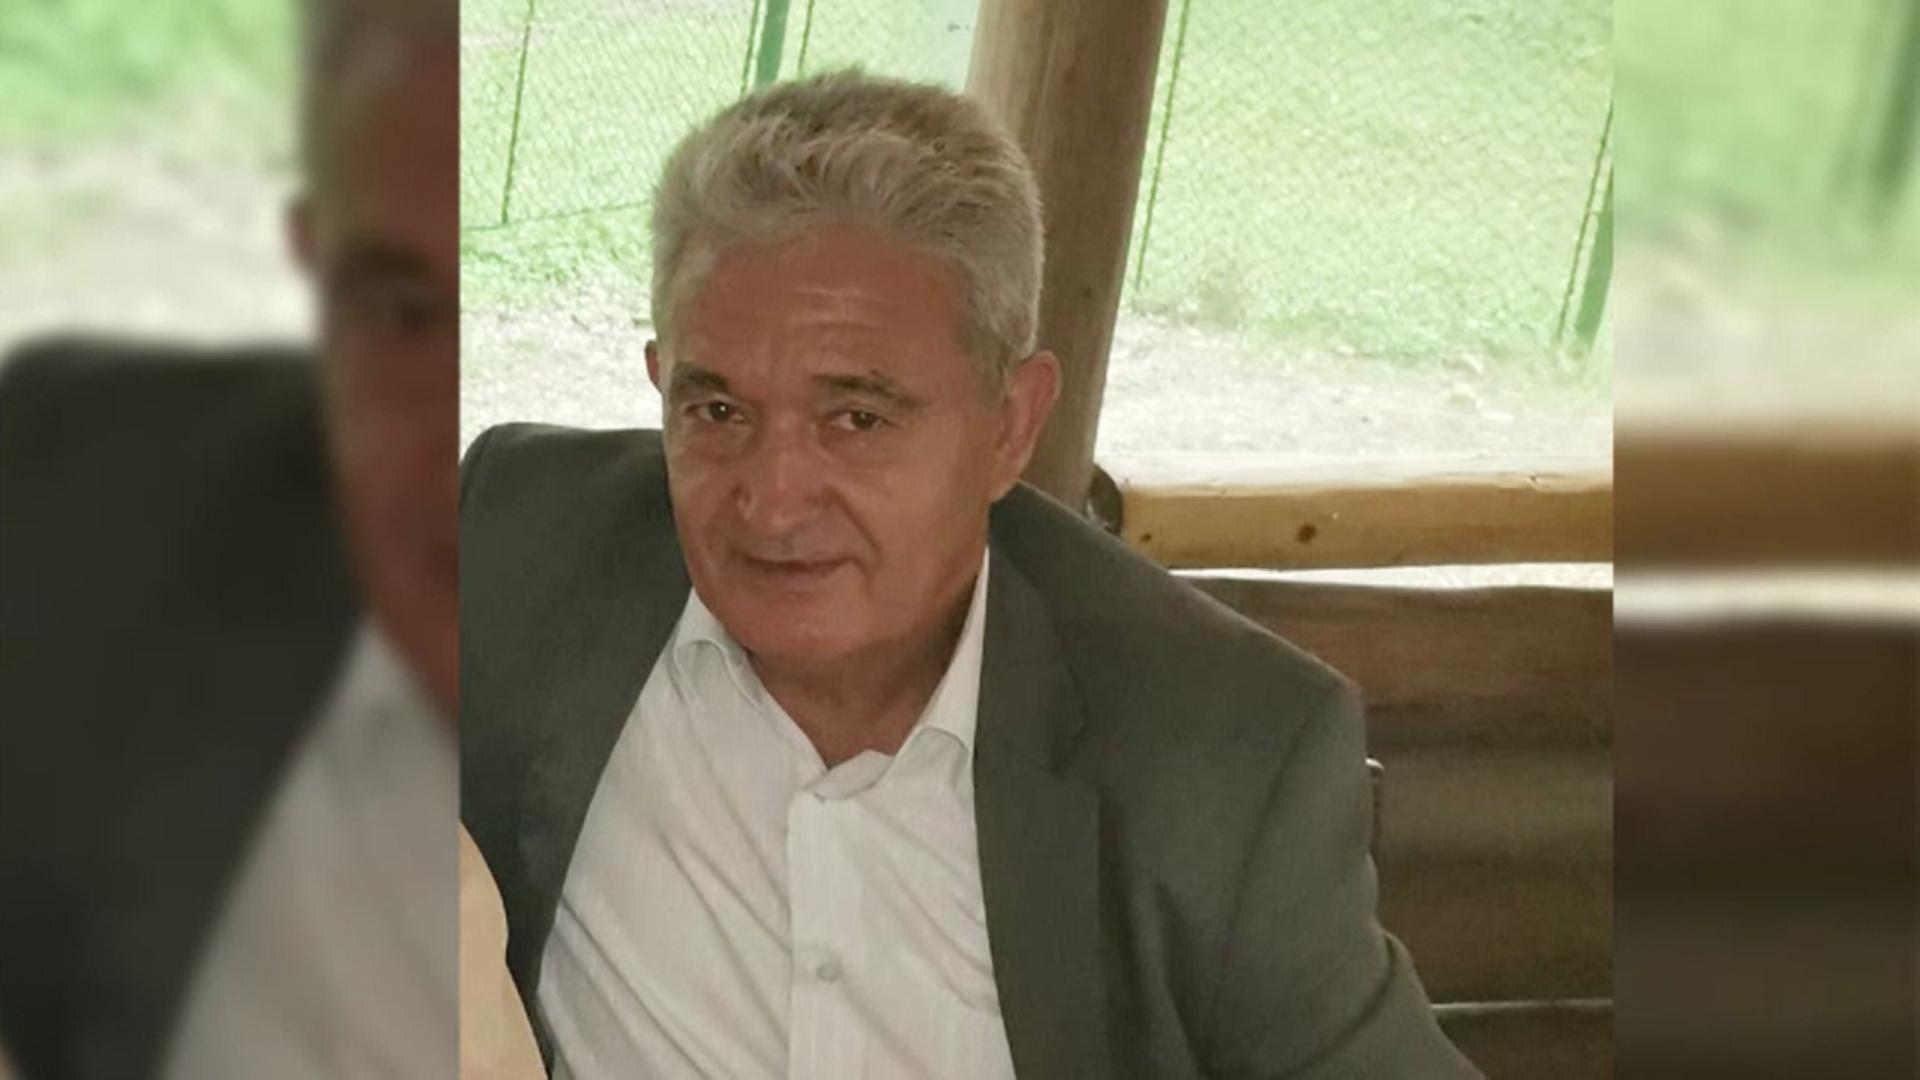 Un bărbat de 64 de ani din Neamţ, dispărut de patru zile, este căutat cu disperare de cei din familia sa